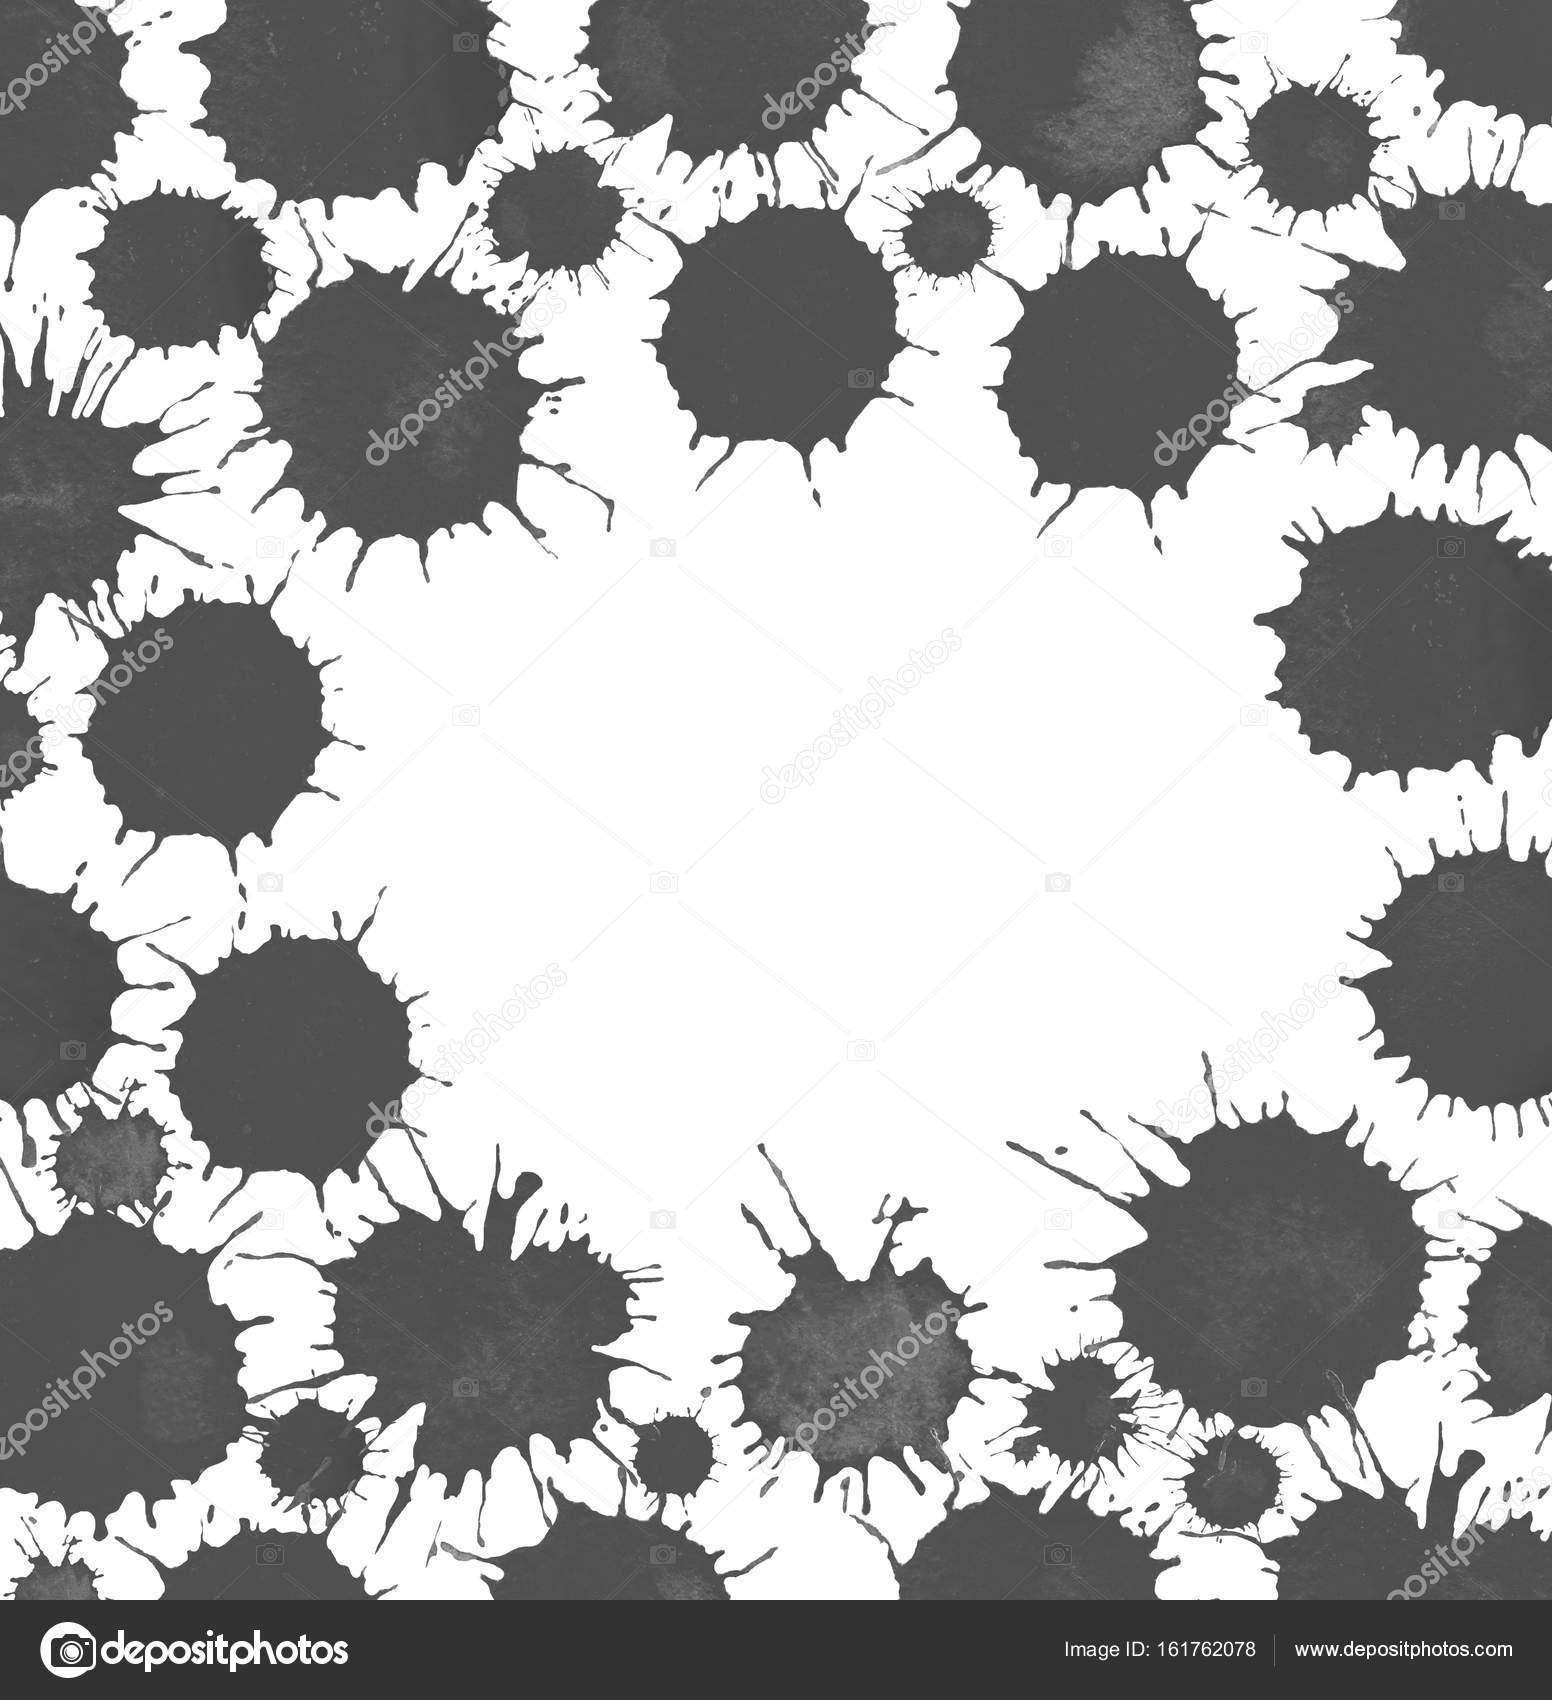 Weißer Kreis Rahmen mit Sprühfarbe schwarze Flecken — Stockfoto ...